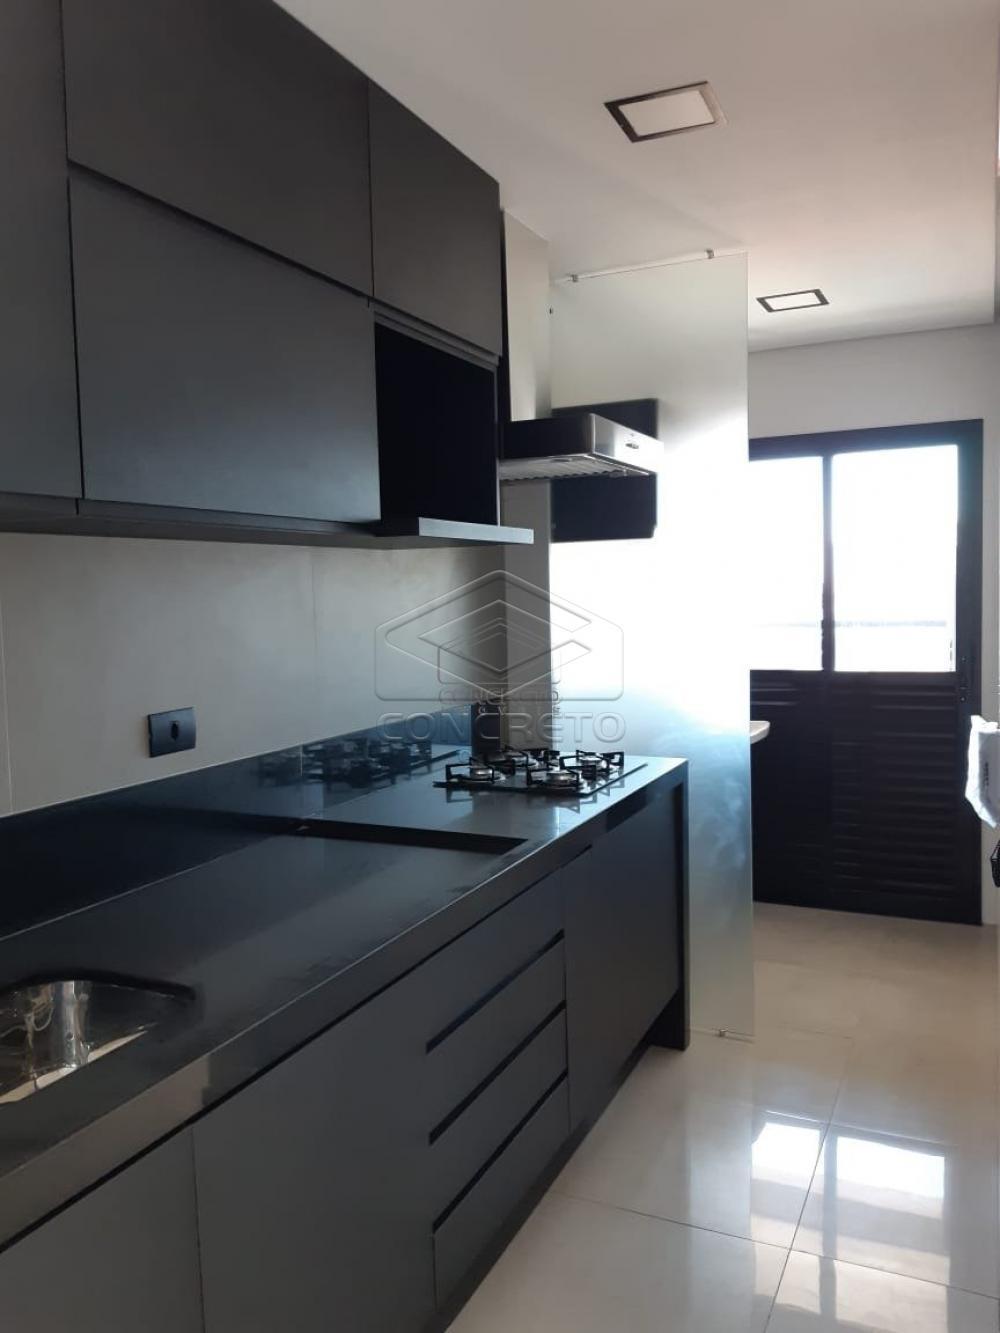 Alugar Apartamento / Padrão em Bauru apenas R$ 2.900,00 - Foto 5